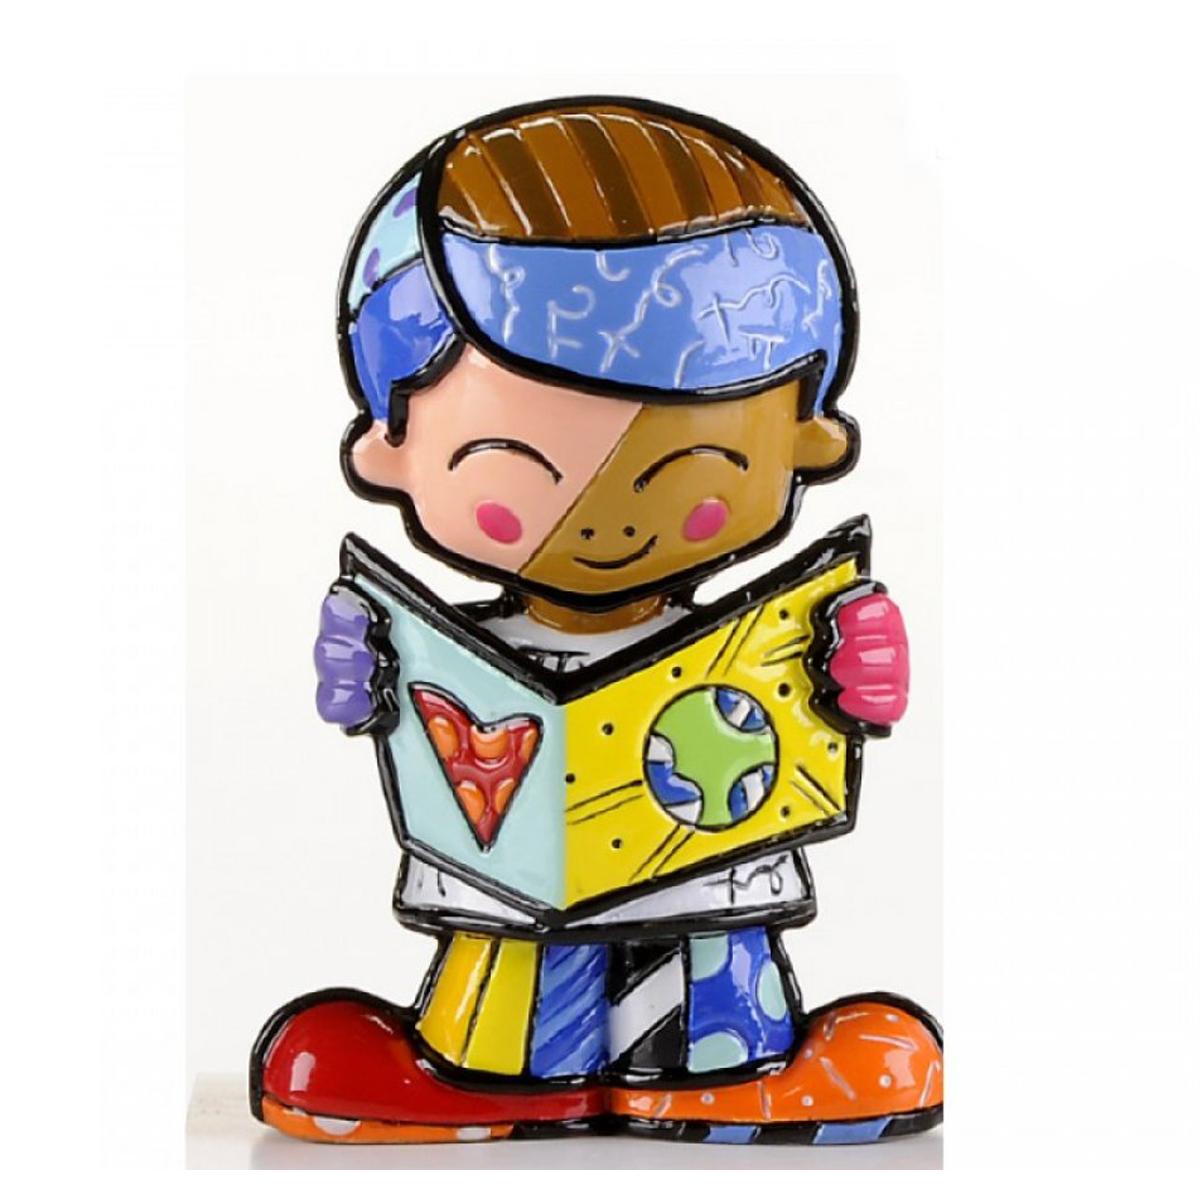 Figurine créateur \'Britto\' multicolore (petit garçon écolier) - 65 mm - [A1969]